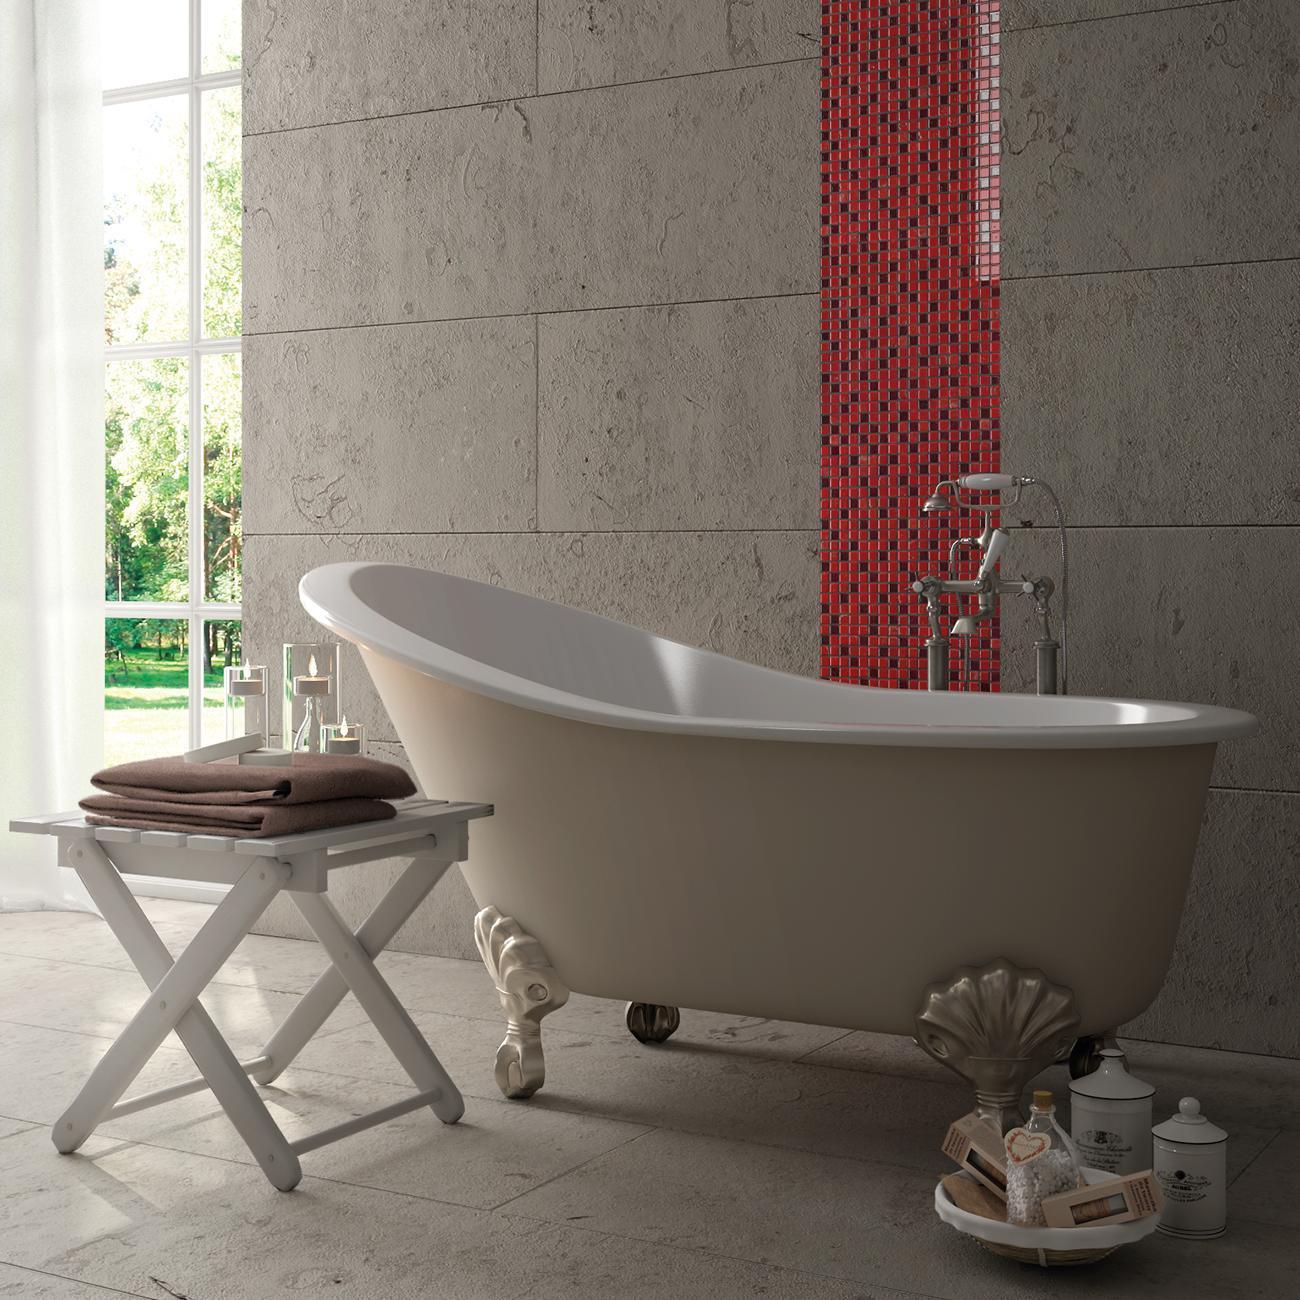 Mosaico H 30 x L 30 cm rosso - 2